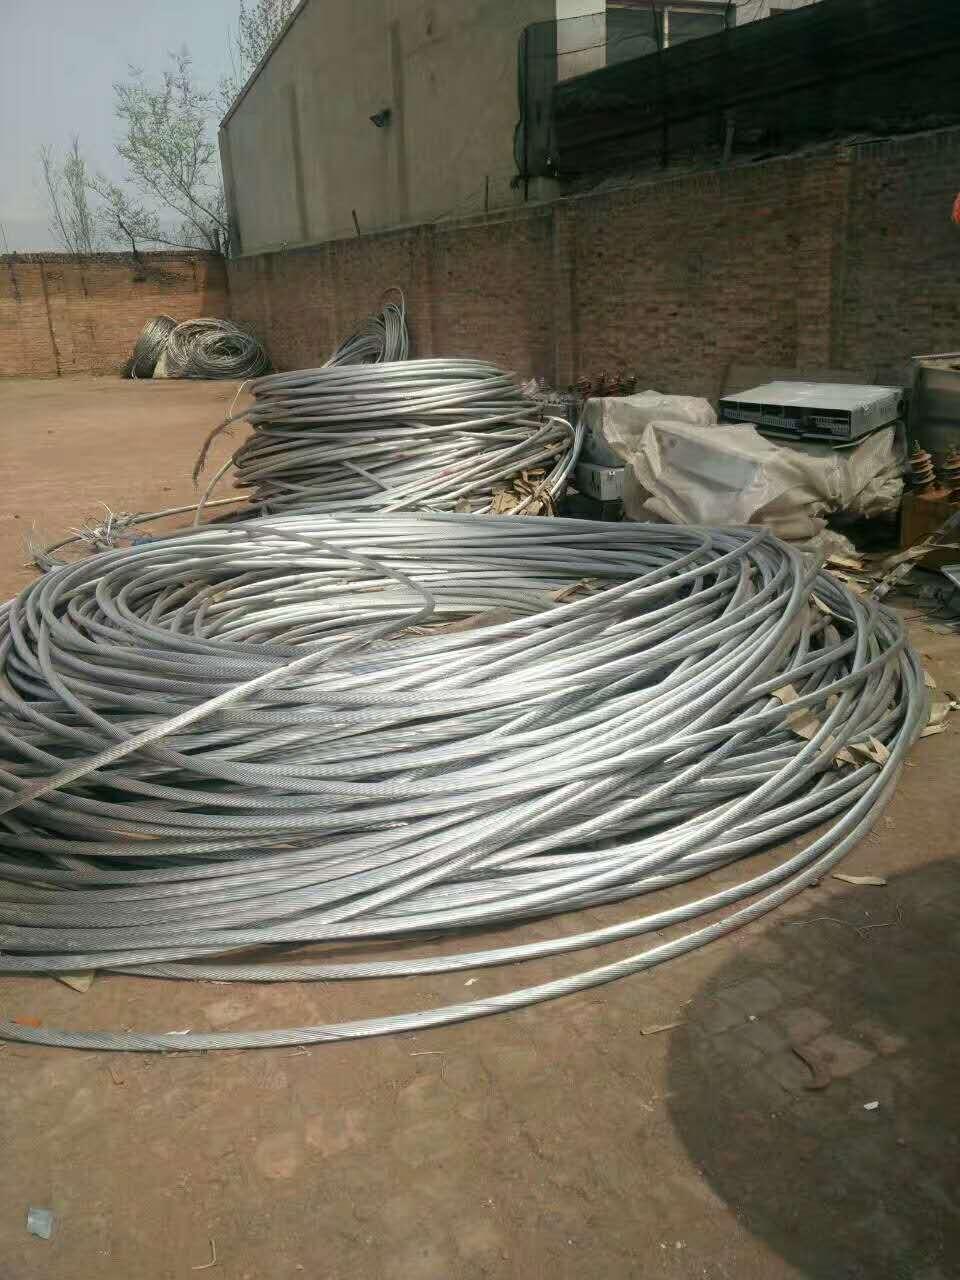 威海荣成专业回收废旧电缆价格回收